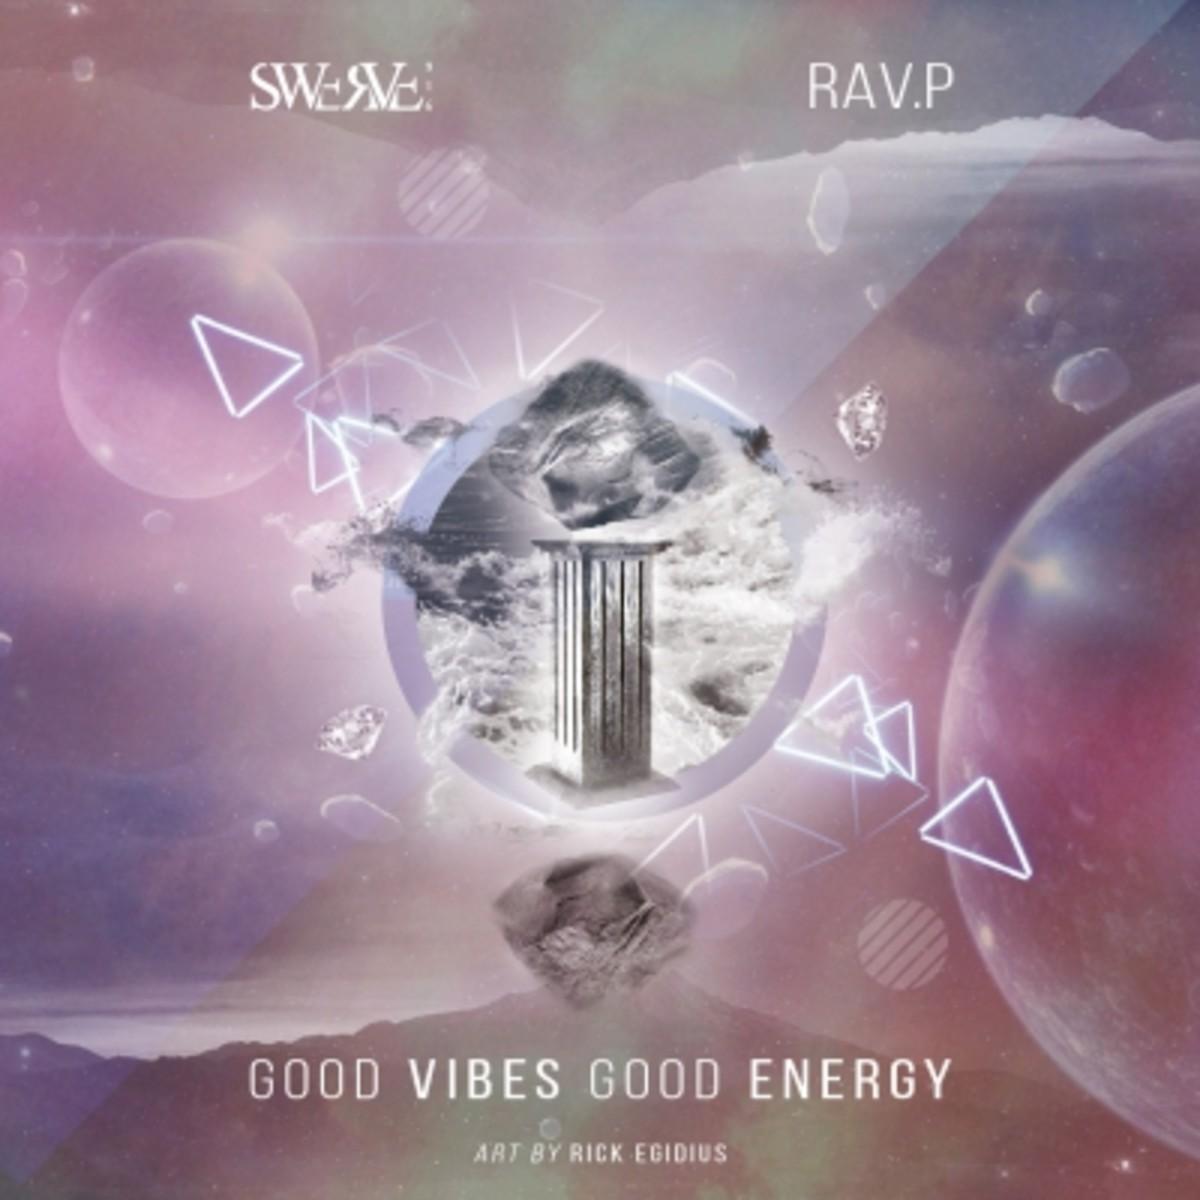 swerve-916-ravp-good-vibes-good-energy.jpg